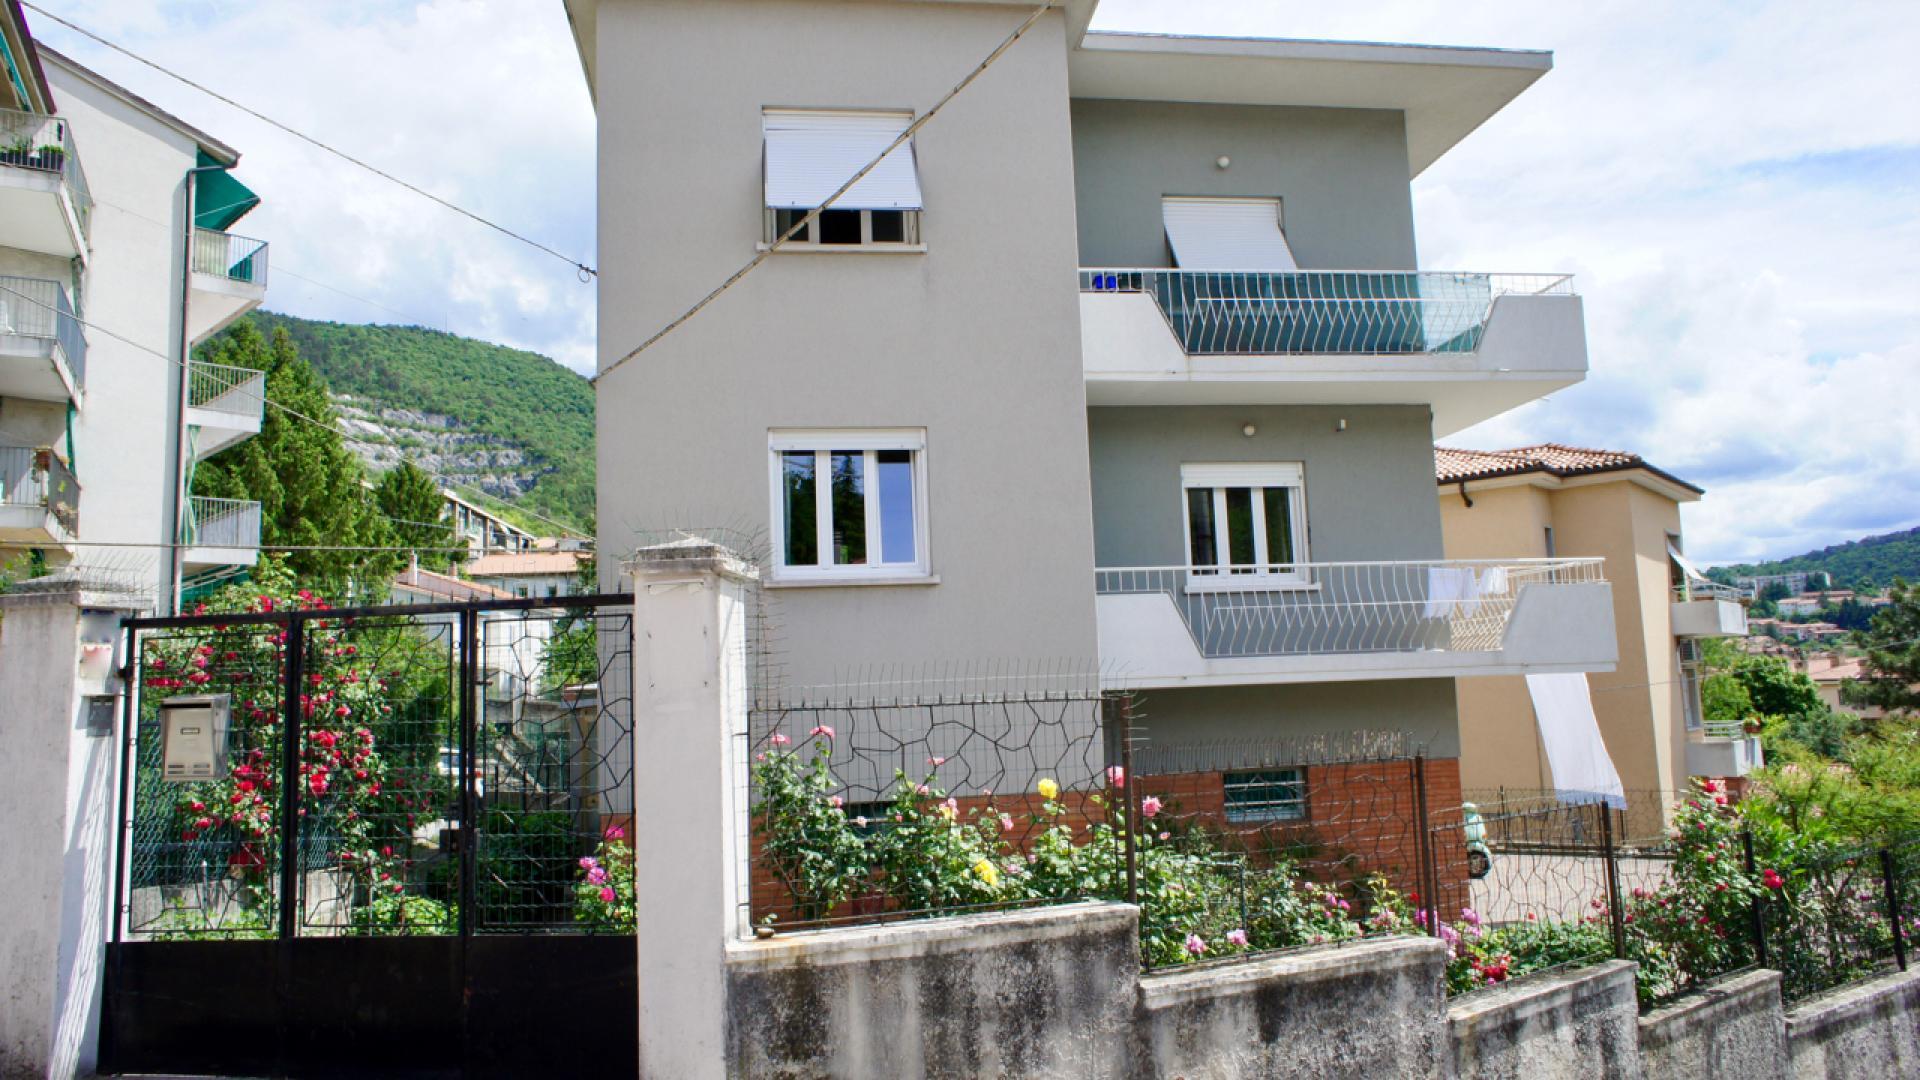 Rizza immobiliare agenzia immobiliare a trieste - Agenzia immobiliare trieste ...